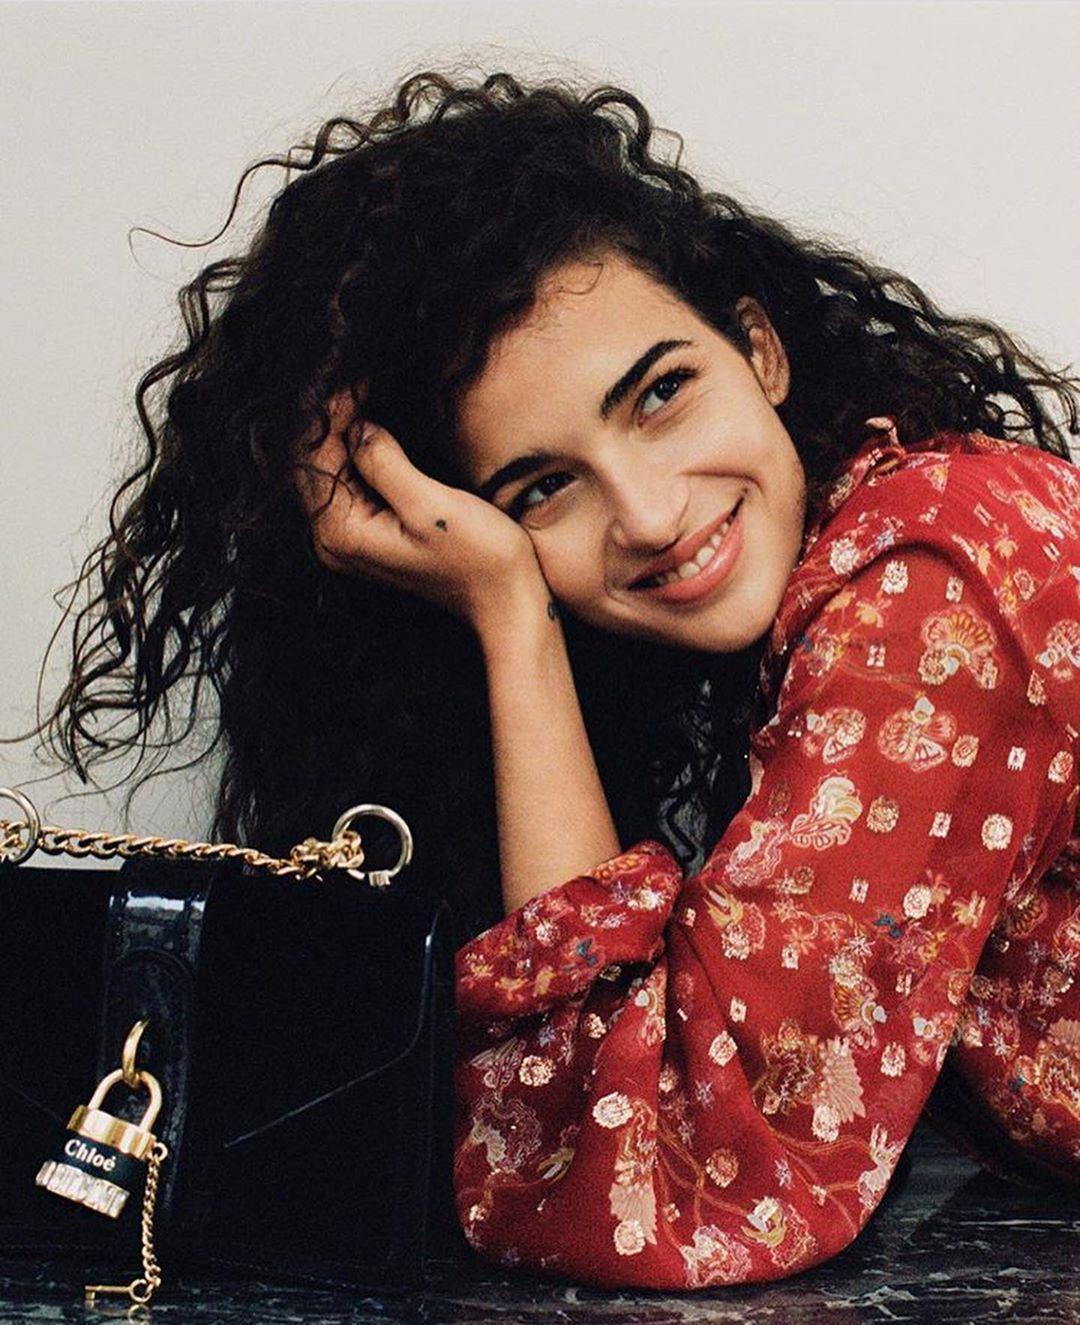 Chiara Scelsi, la modella milanese che è riuscita a conquistare le passerelle del mondo intero